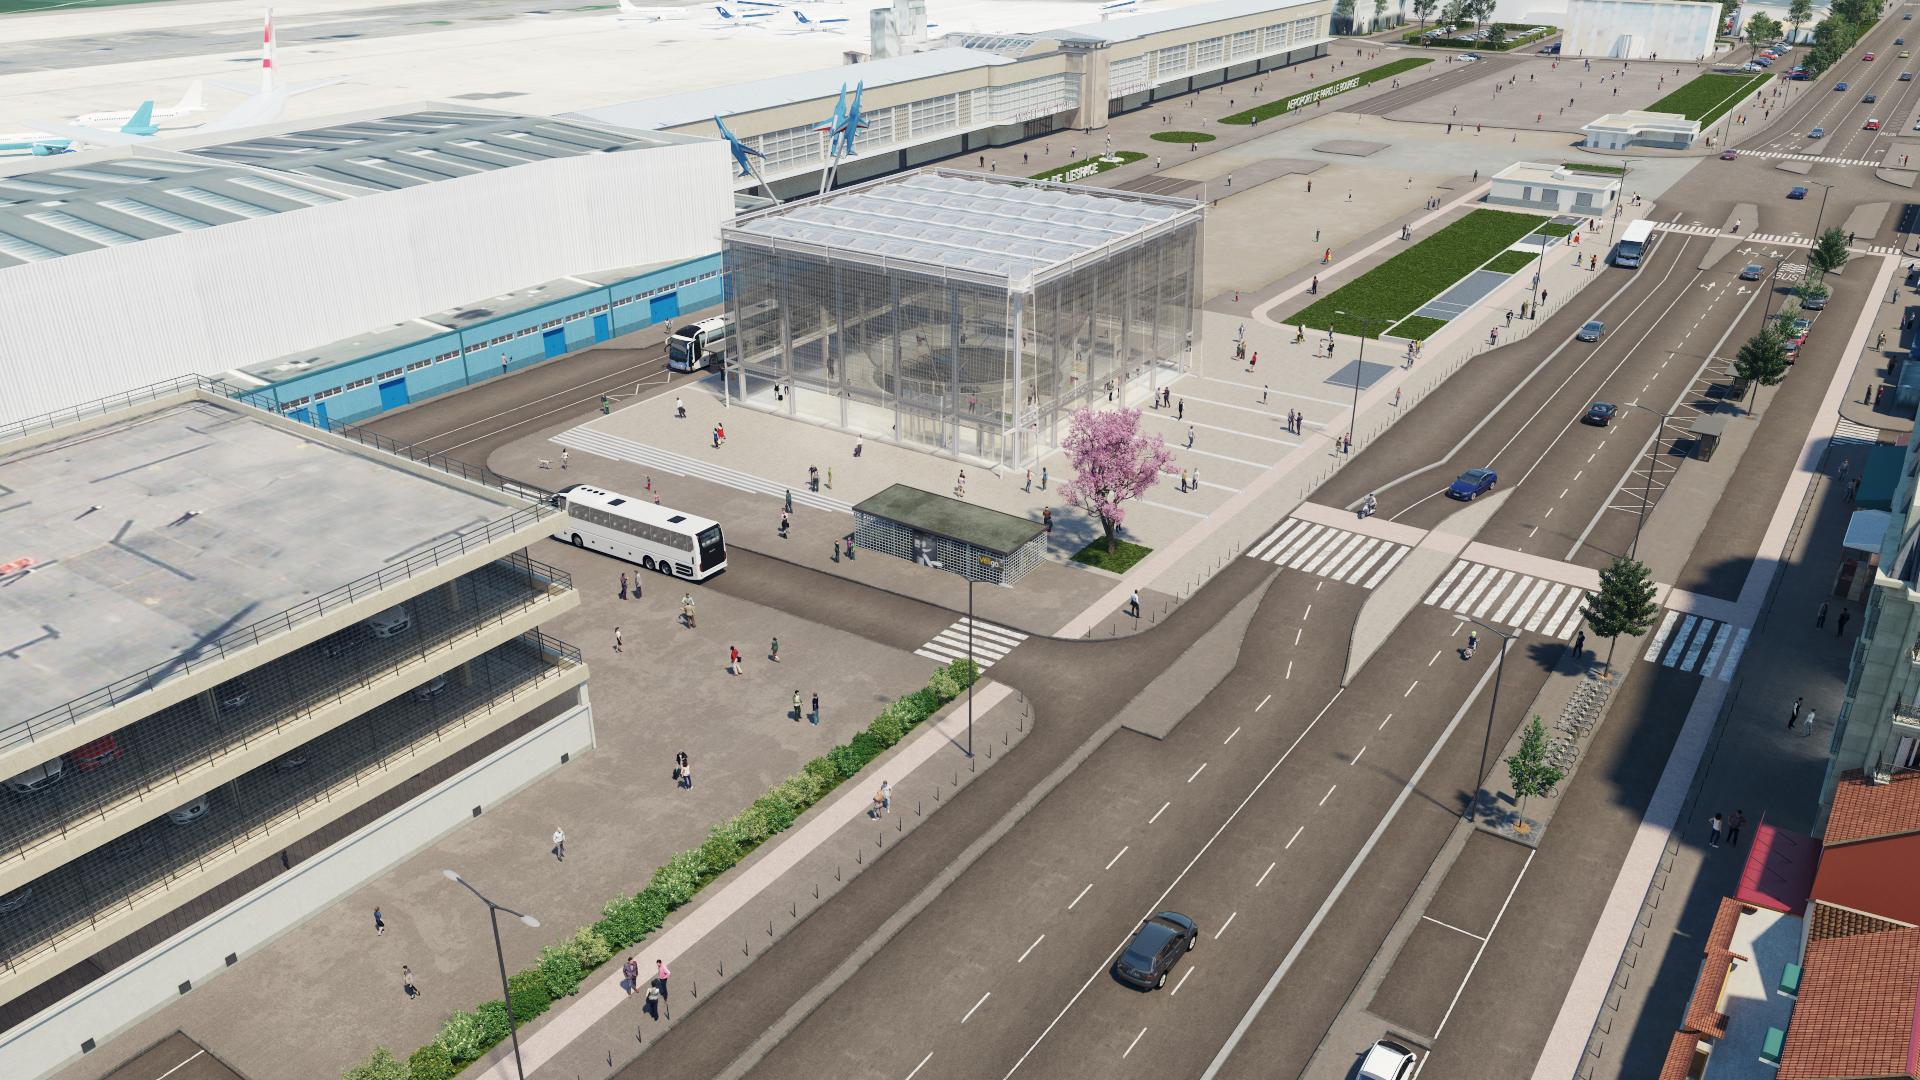 Le Bourget aéroport vue 3